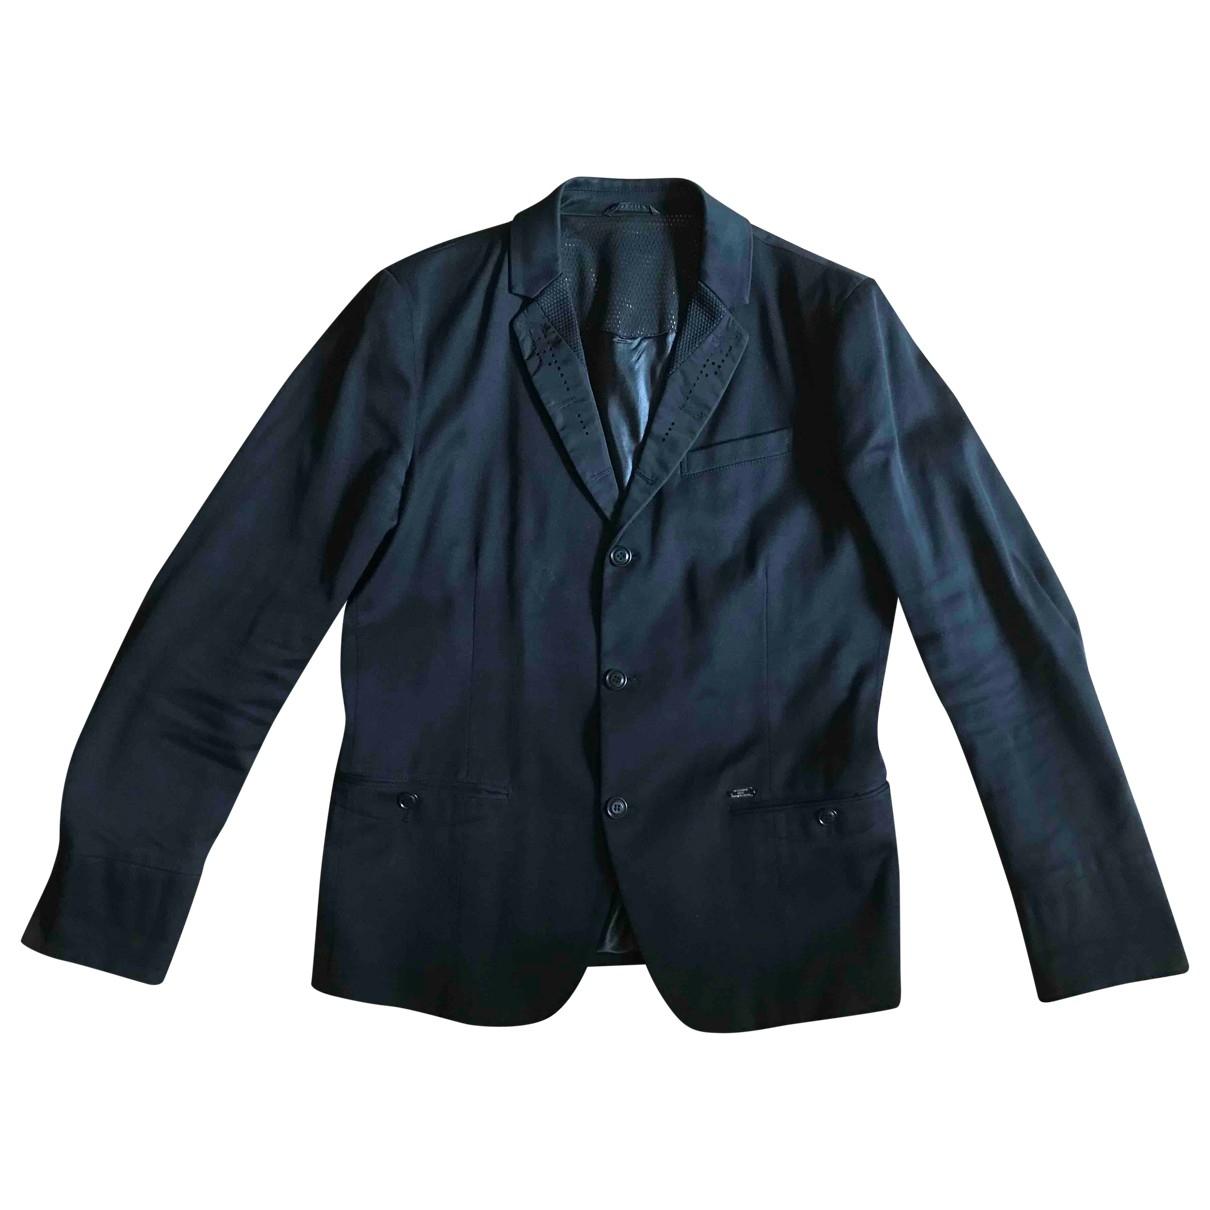 Diesel - Vestes.Blousons   pour homme en coton - noir